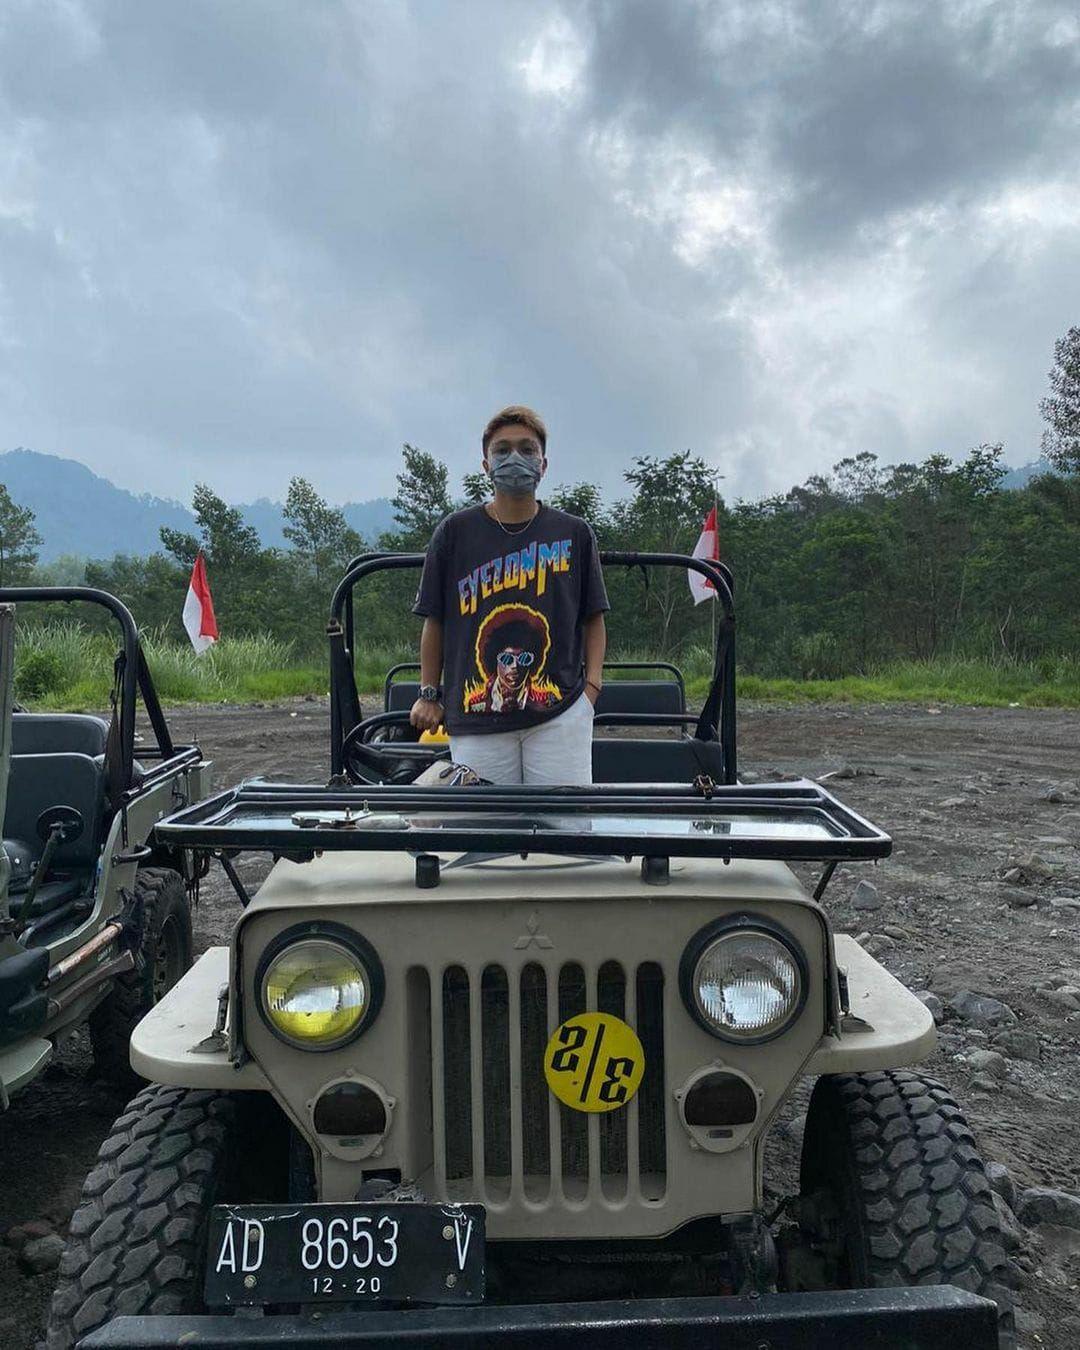 Pose Apriyani Rahayu di atas mobil Jeep Willys. Bersama Greysia Polii, Apriyani berhasil meraih medali emas Olimpiade Tokyo 2020 di kategori ganda putri.